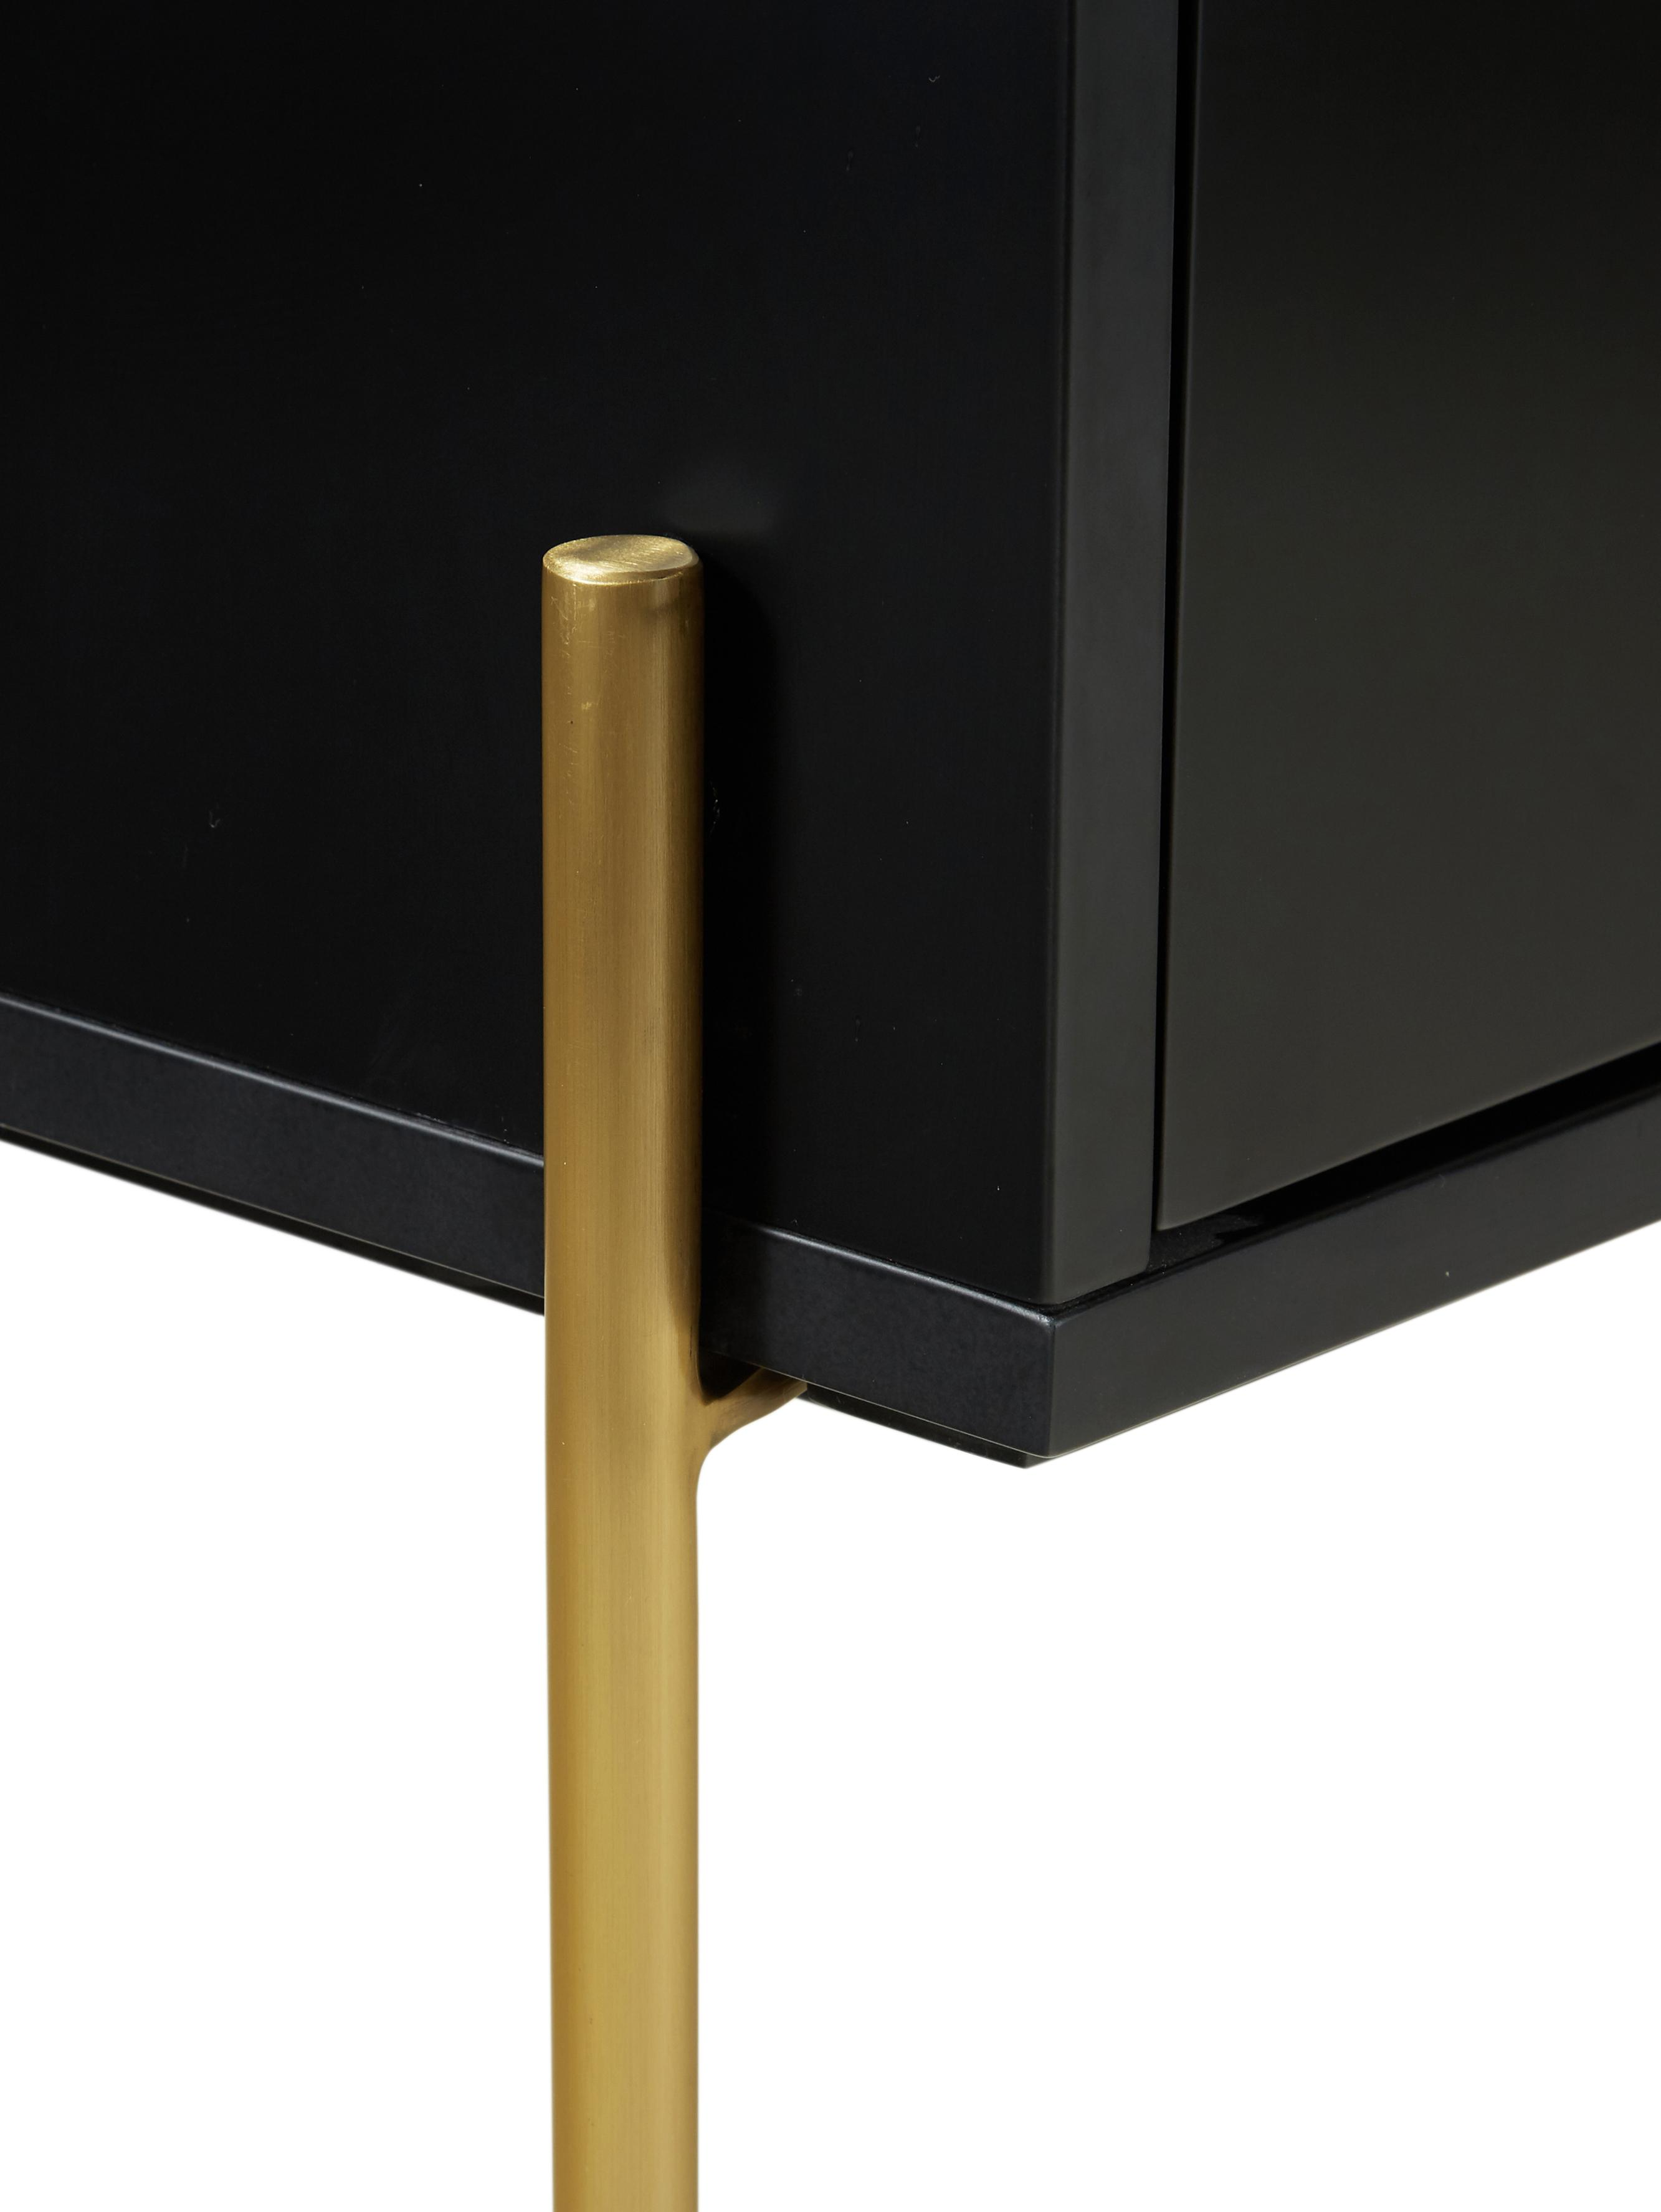 Schwarzes Sideboard Jesper mit Türen, Korpus: Mitteldichte Holzfaserpla, Füße: Metall, lackiert, Korpus: SchwarzFüße: Goldfarben, glänzend, 160 x 80 cm